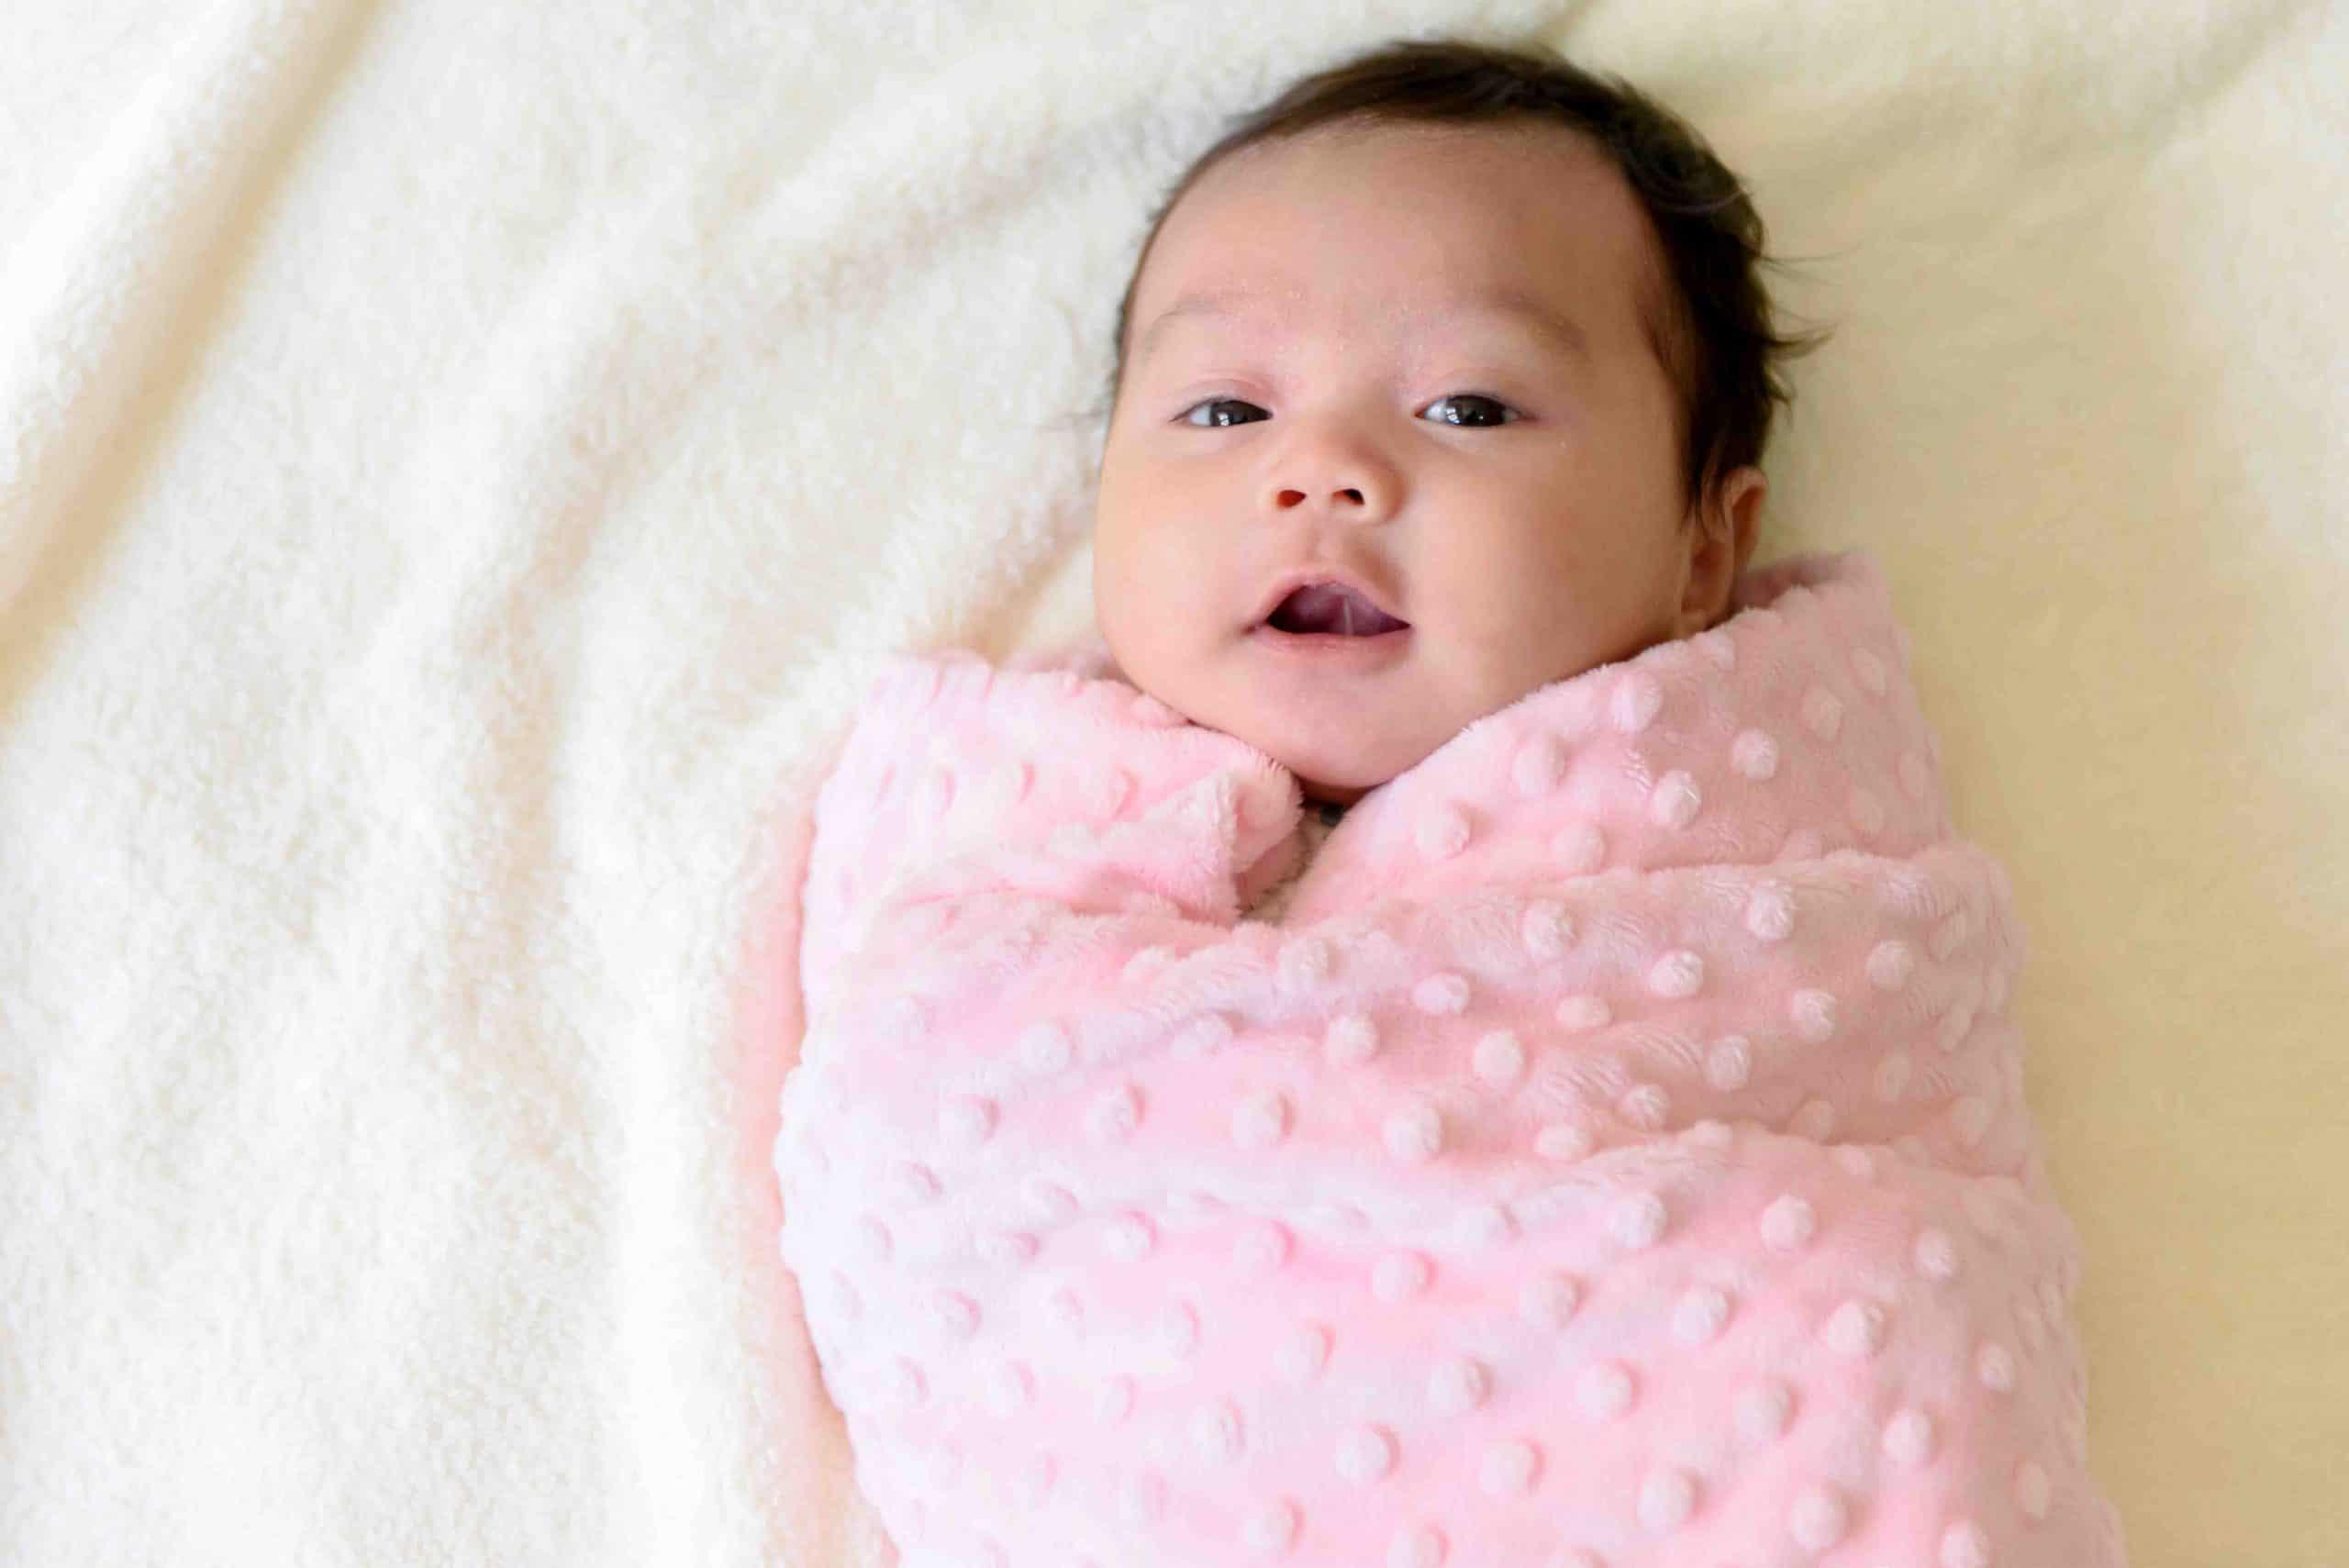 infant on bed